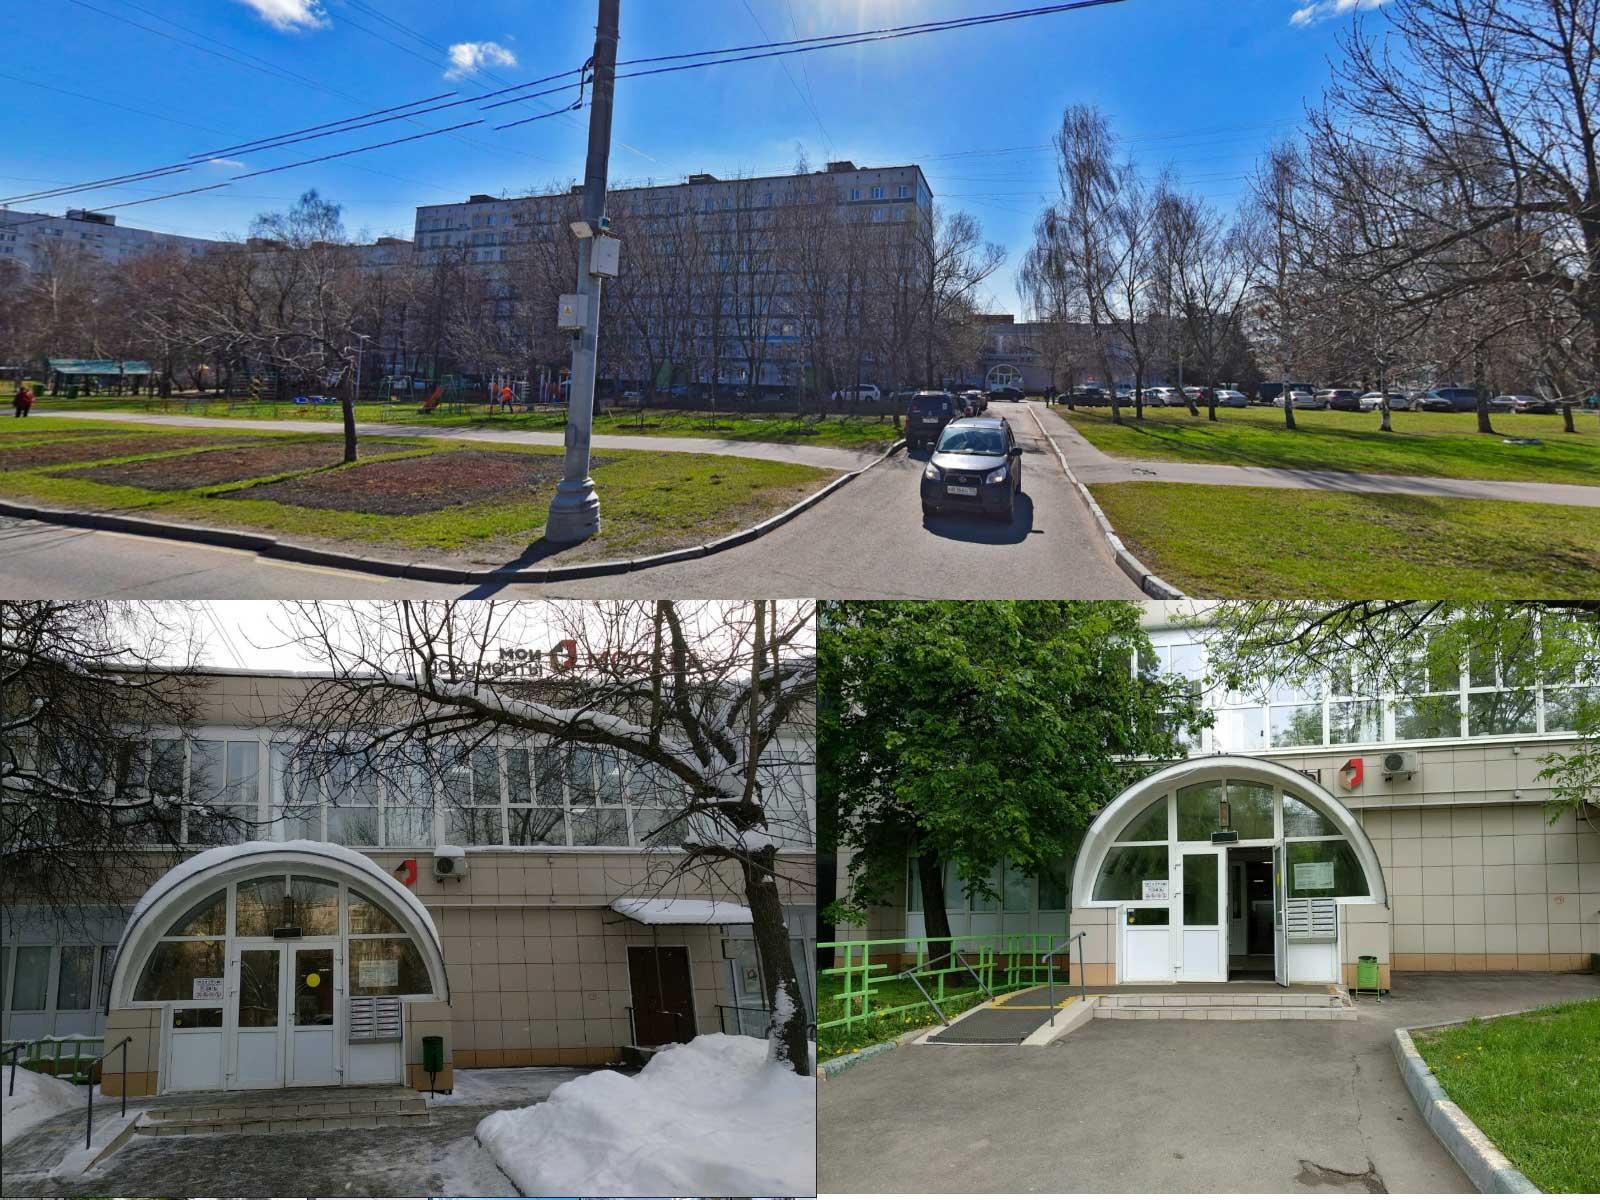 вид на здание УФМС по району Орехово-Борисово Северное, Ясеневая ул., 8, Москва